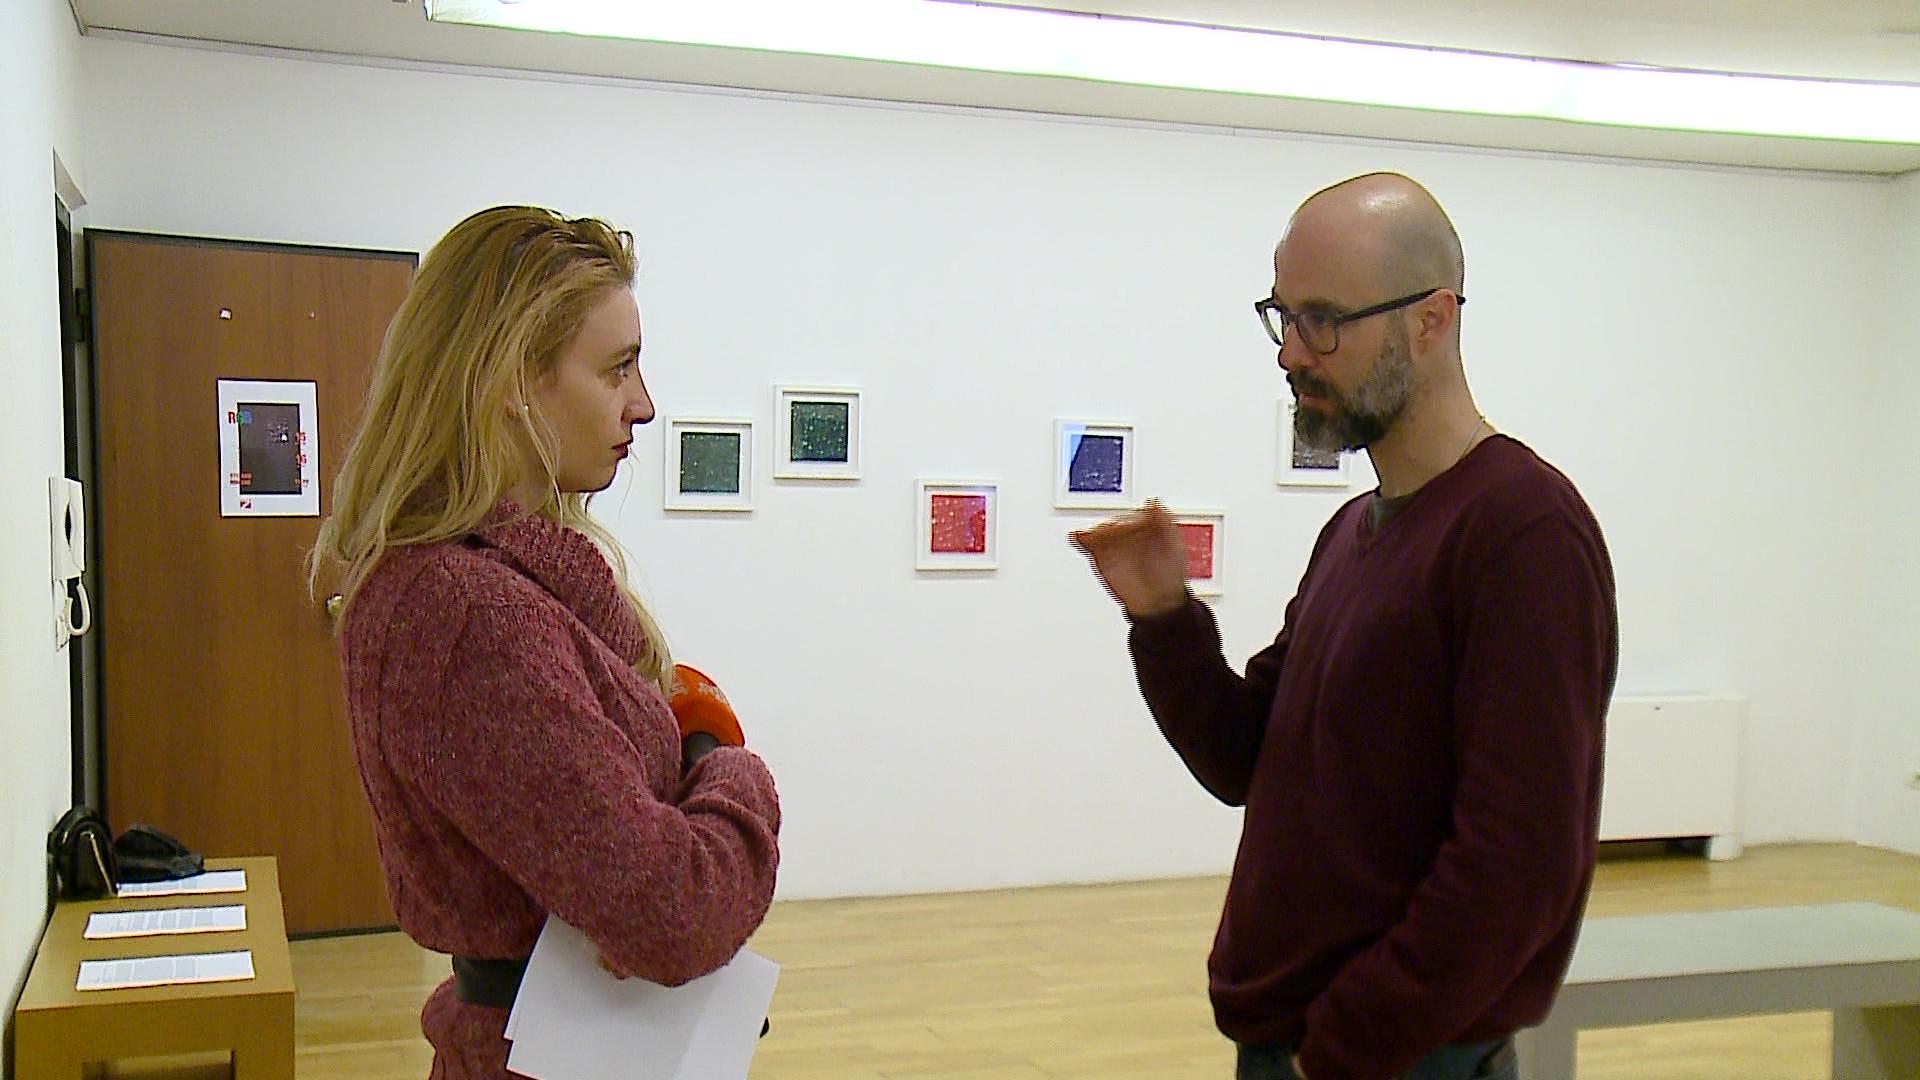 Stefano Romano në ekspozitën e tij bën thirrje për kthimin te shpirti